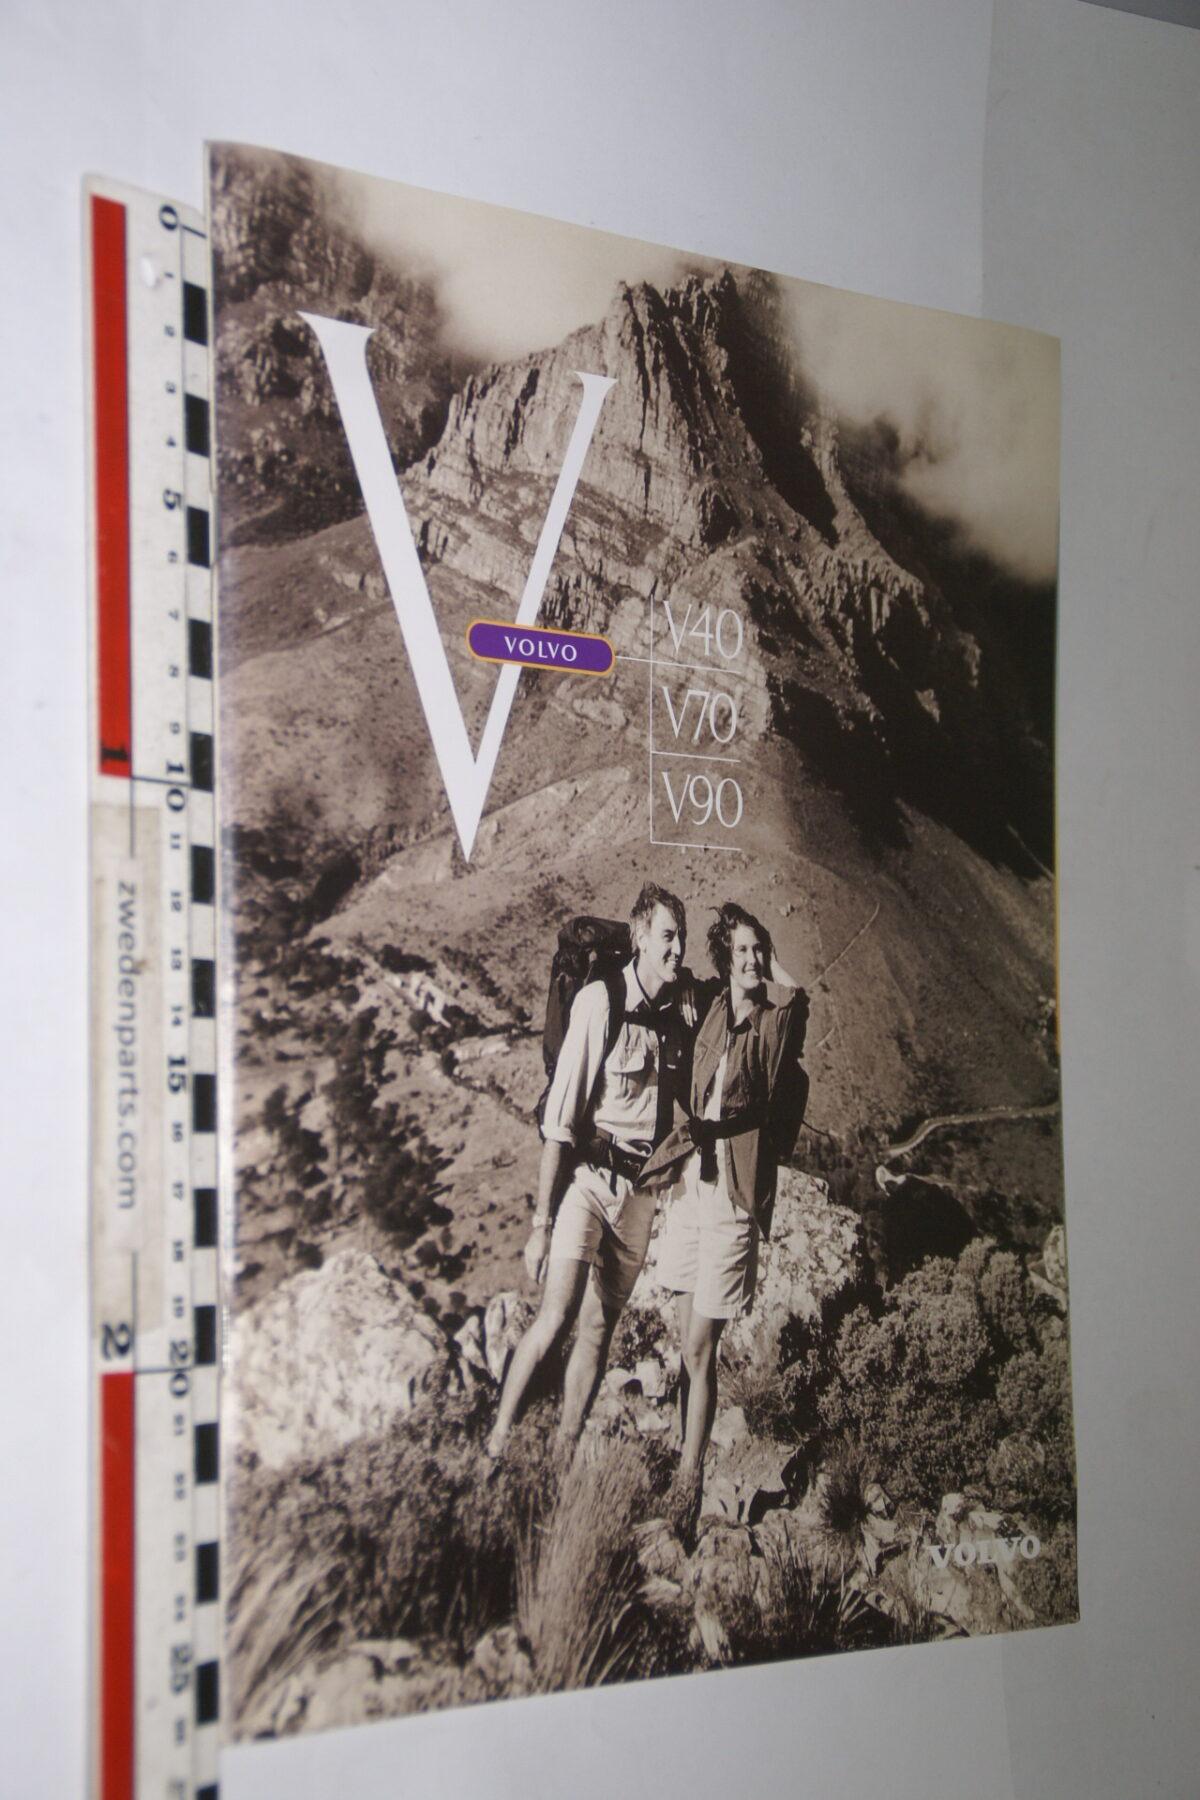 DSC04751 1997 originele brochure Volvo V40 V70 V90 nr A0197-cbdbd8b5